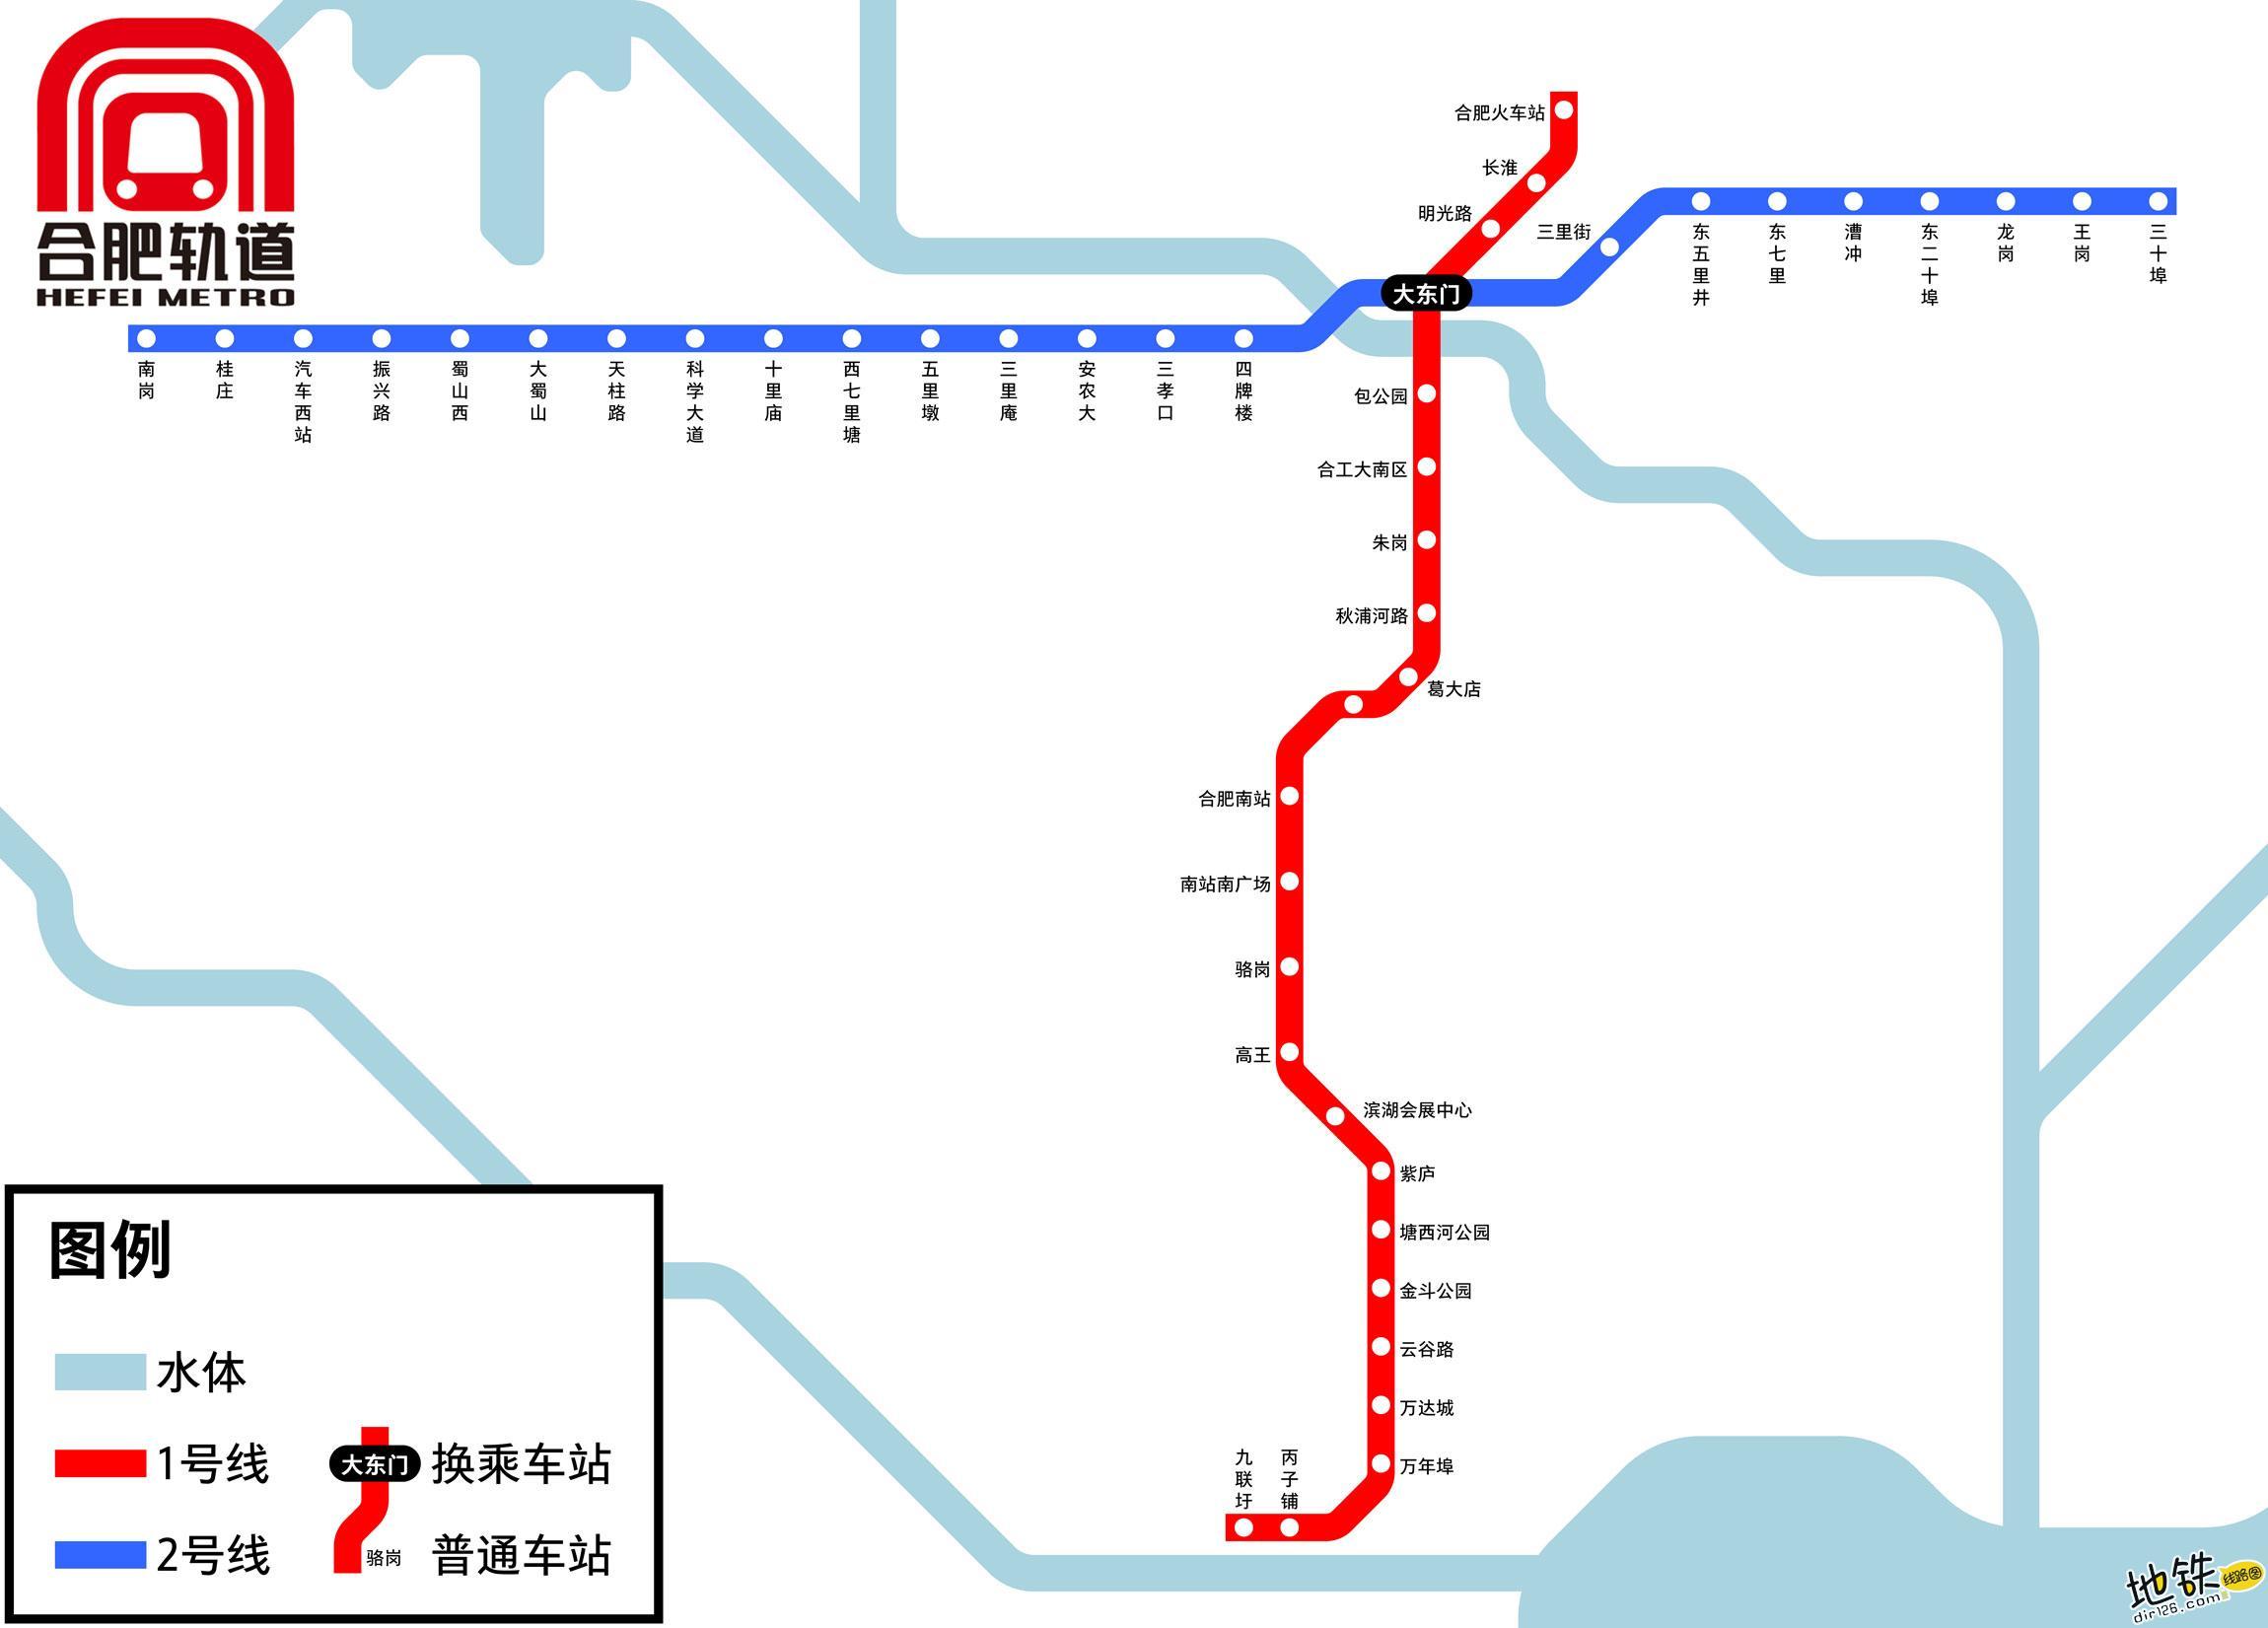 合肥地铁线路图 运营时间票价站点 查询下载 合肥地铁查询 合肥地铁线路图 合肥地铁票价 合肥地铁运营时间 合肥地铁 合肥地铁线路图  第1张